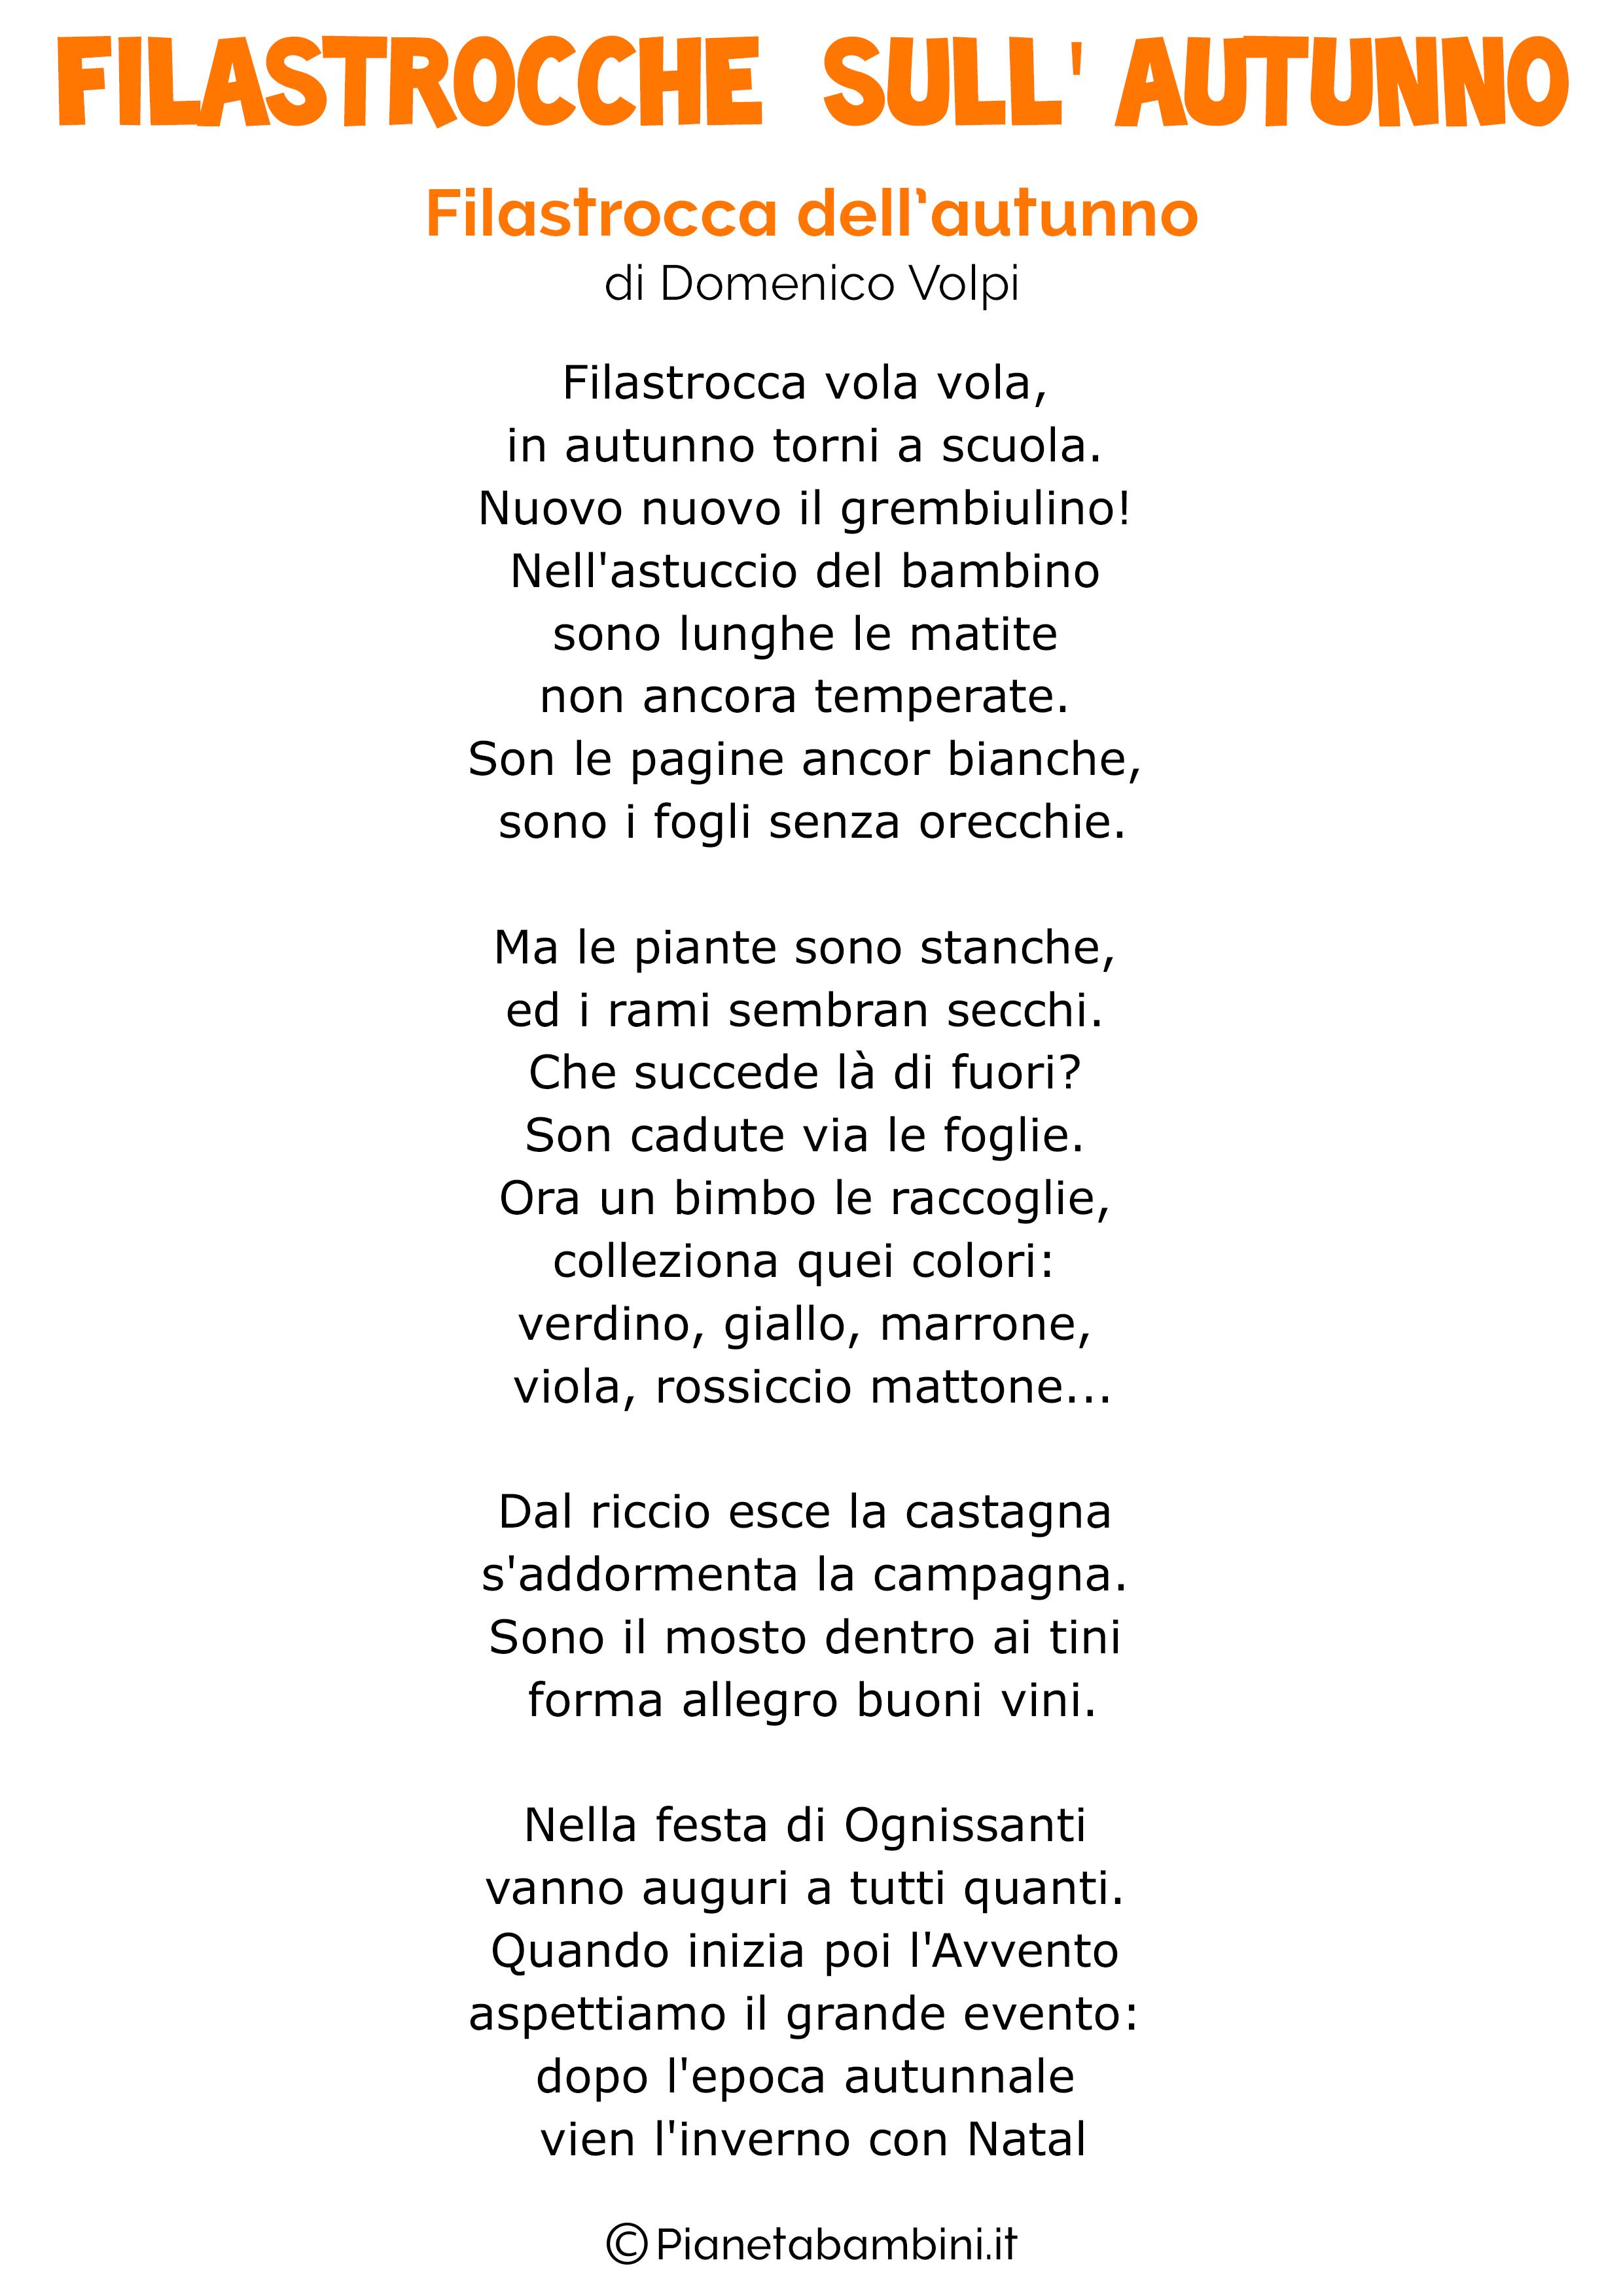 Très 30 Filastrocche sull'Autunno per Bambini | PianetaBambini.it MG13